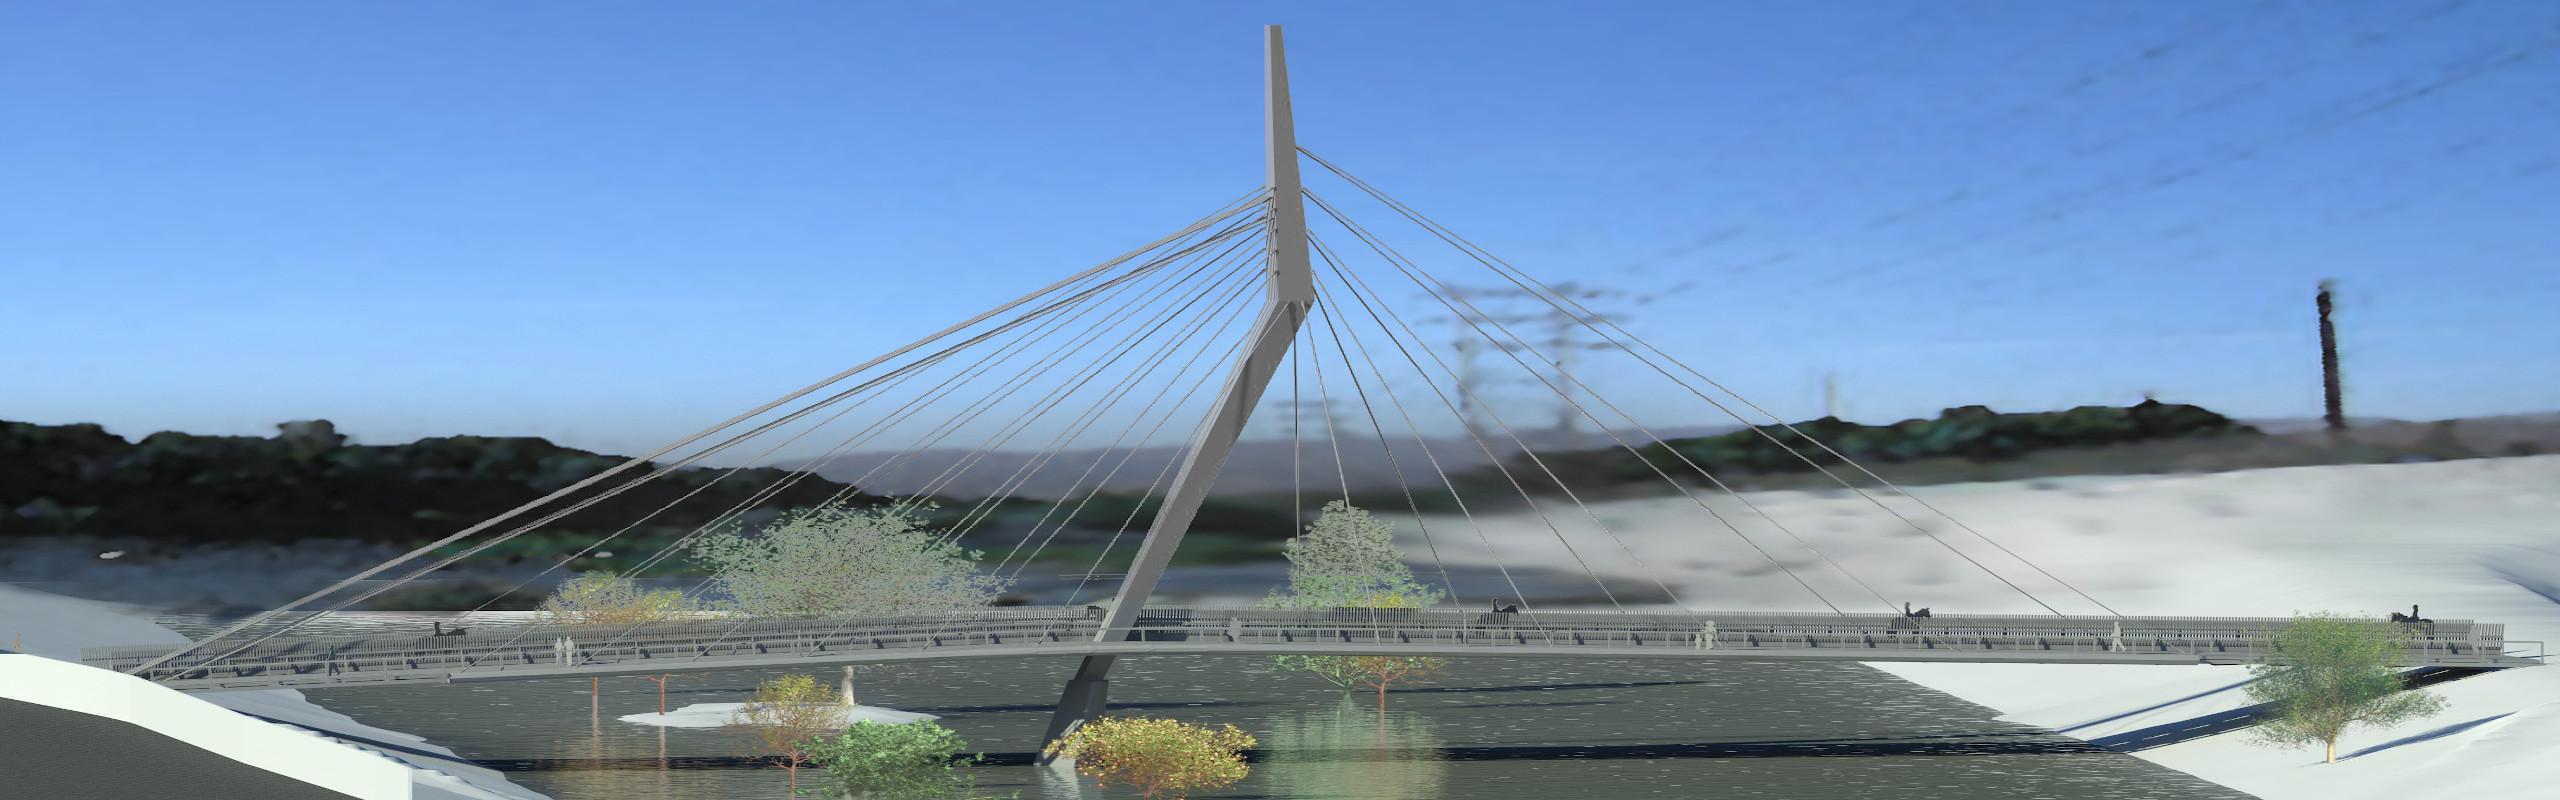 N water bridge